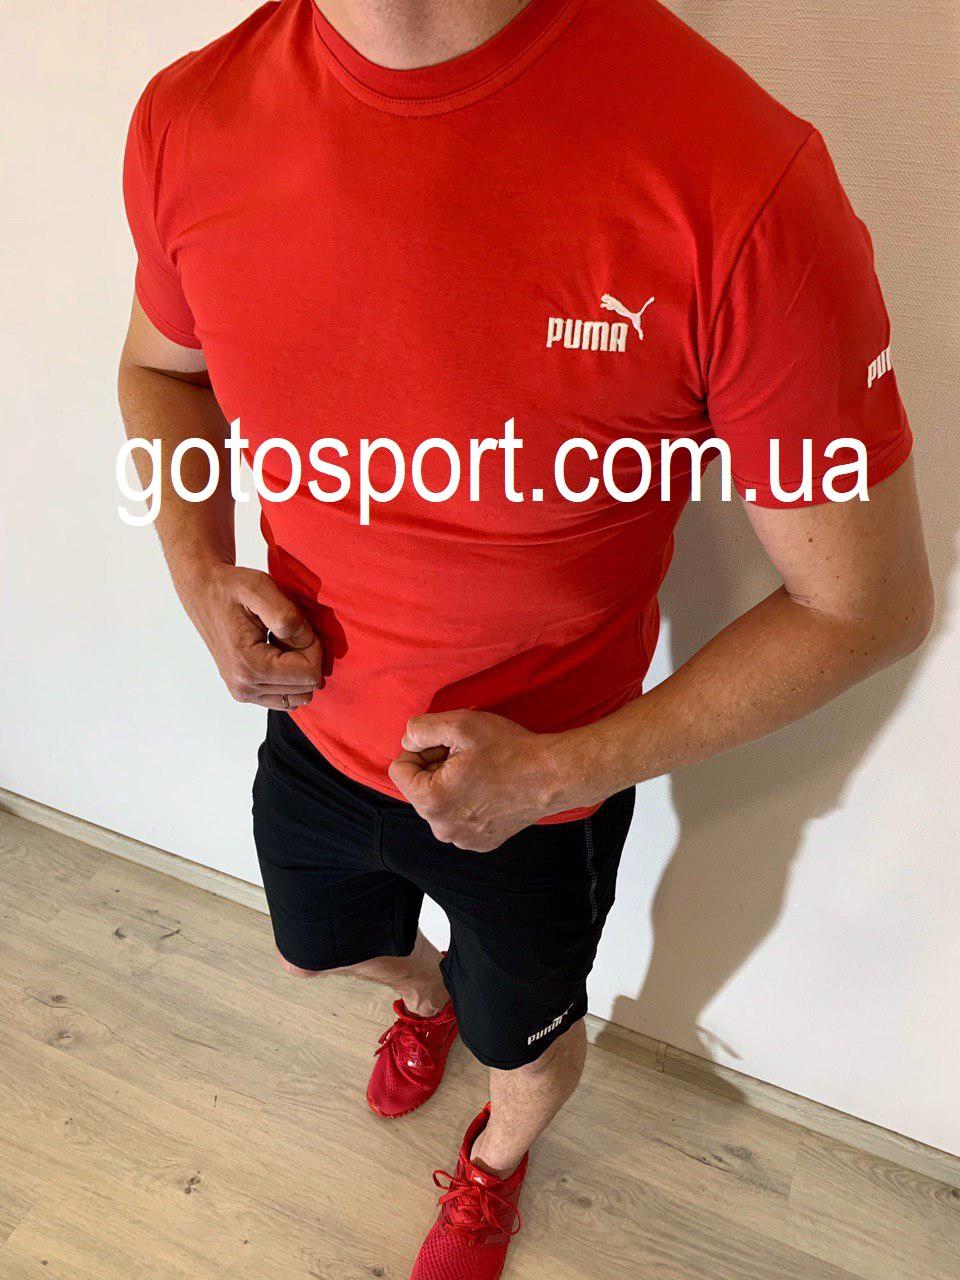 Мужской спортивный костюм (футболка и шорты) Puma Confrontation Red